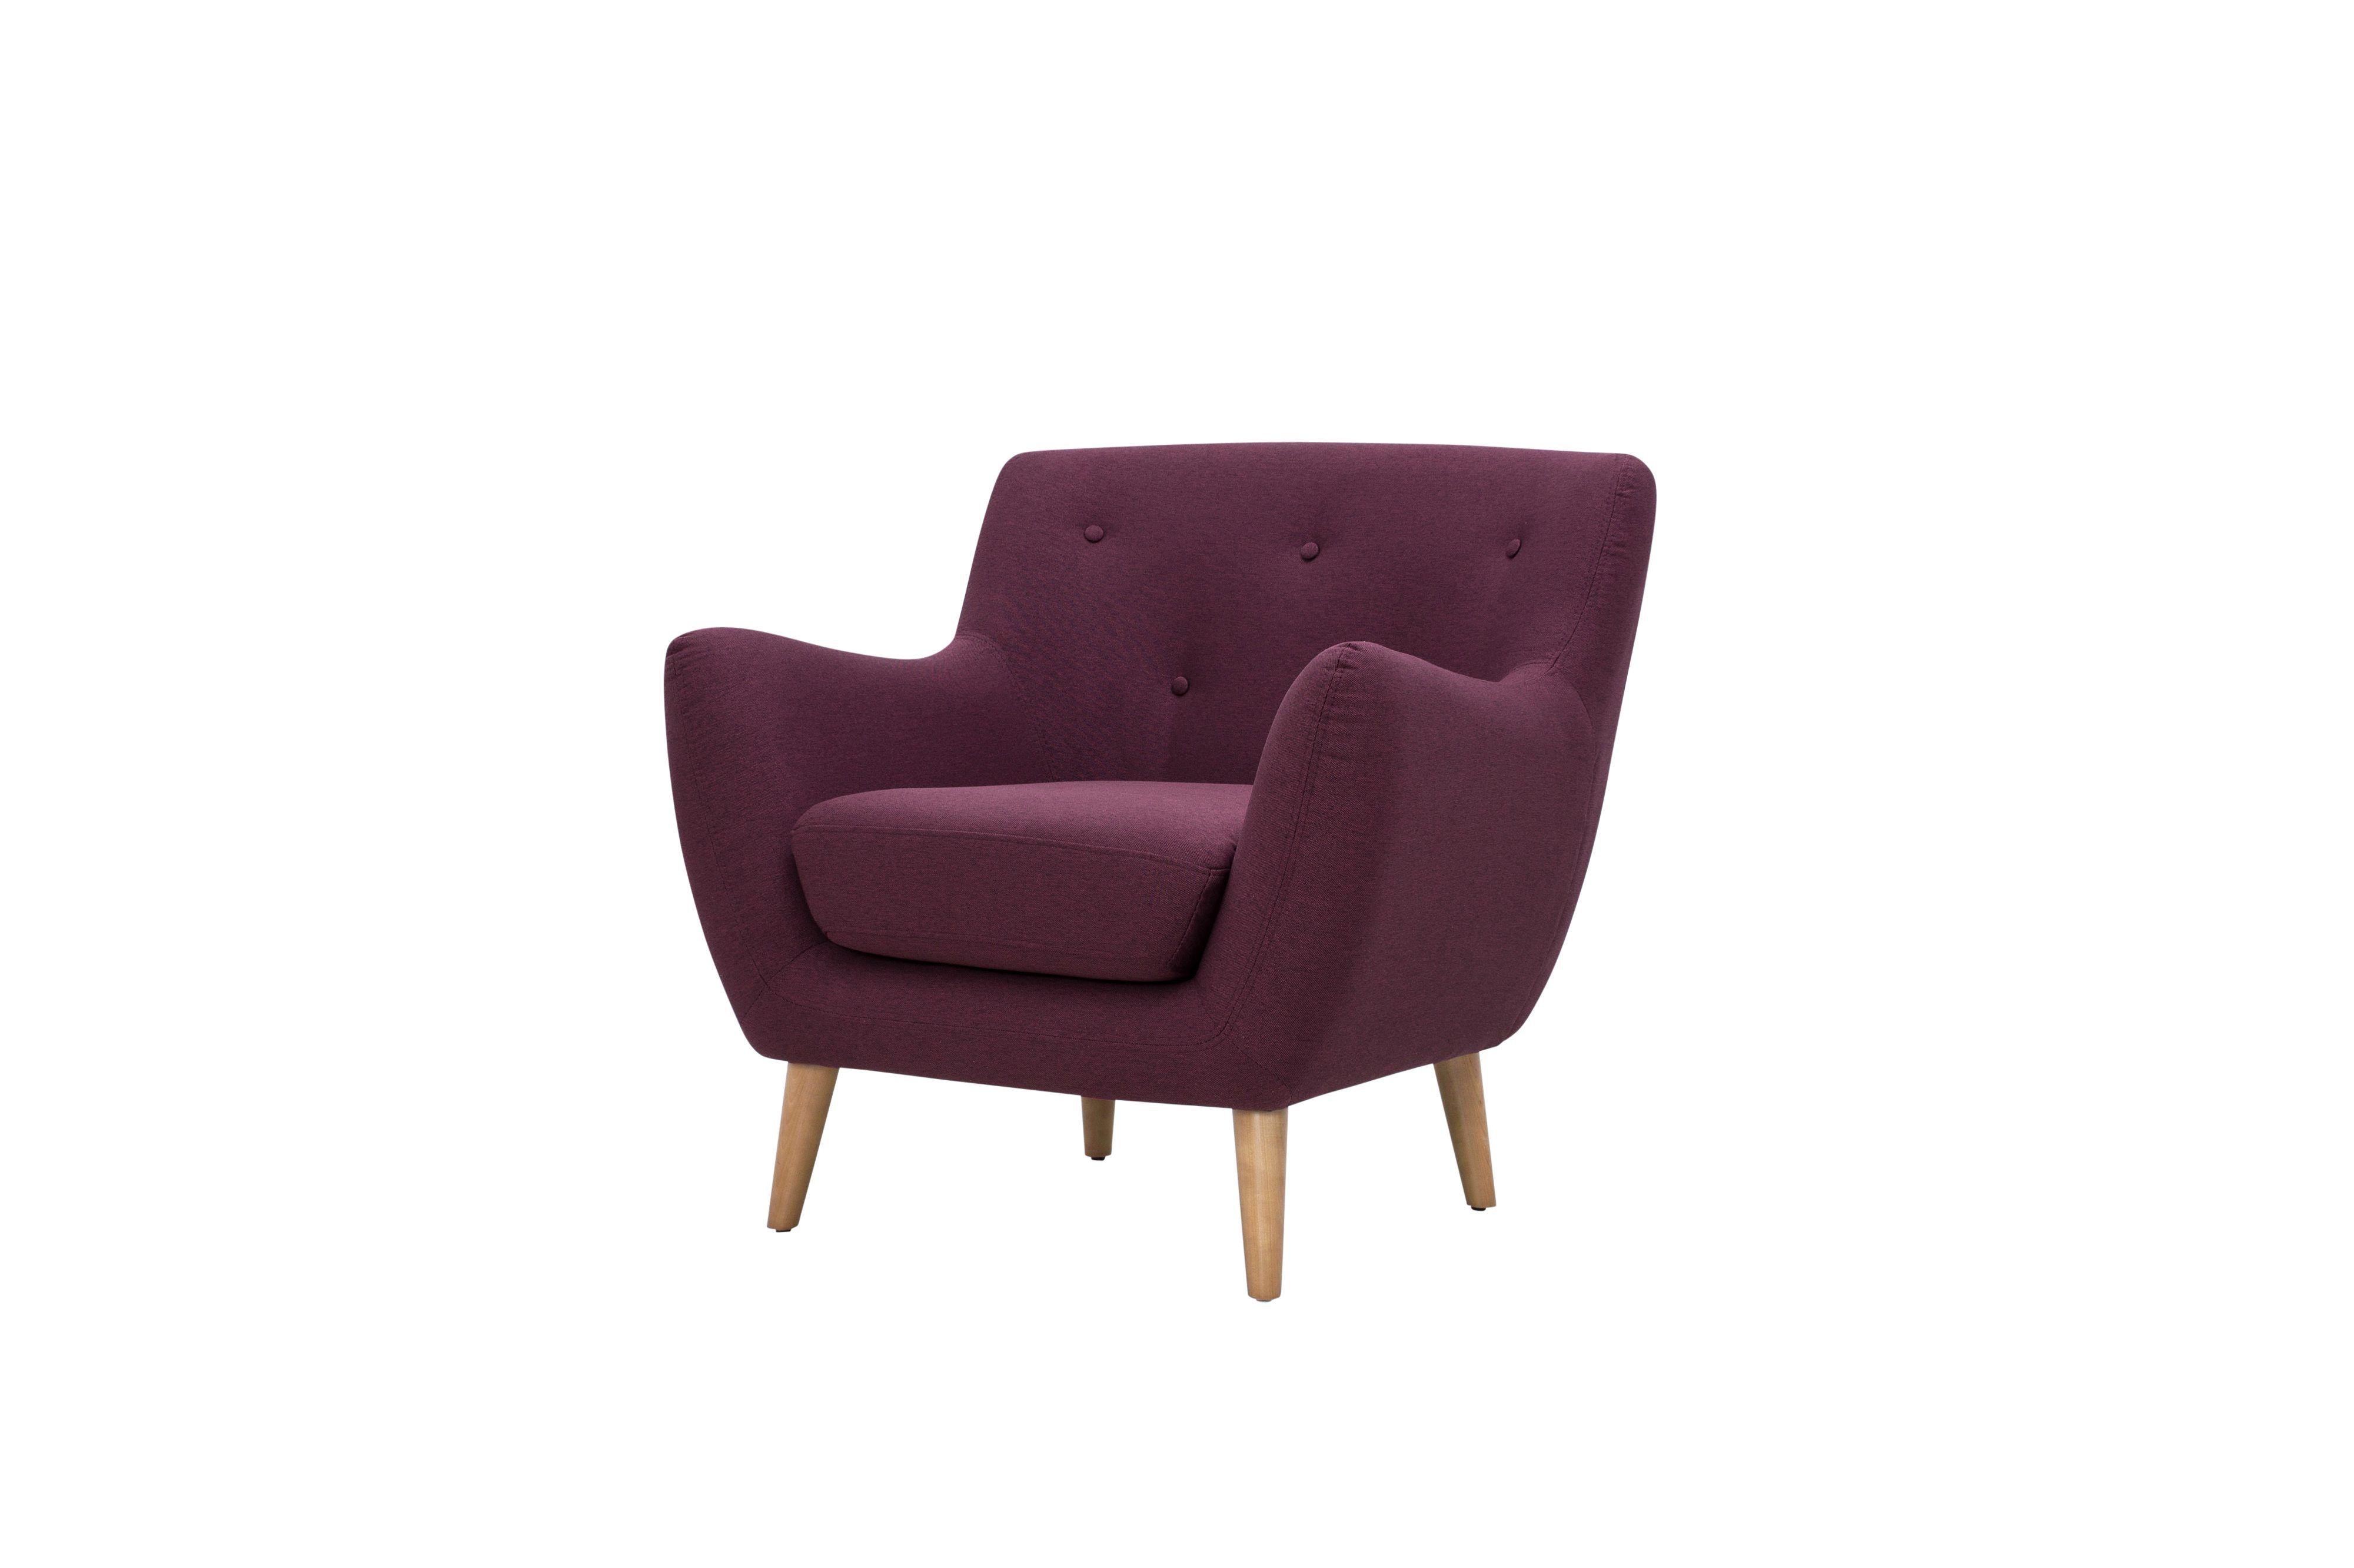 Craquez pour sa couleur originale le fauteuil scandinave milo tissu bordeaux but